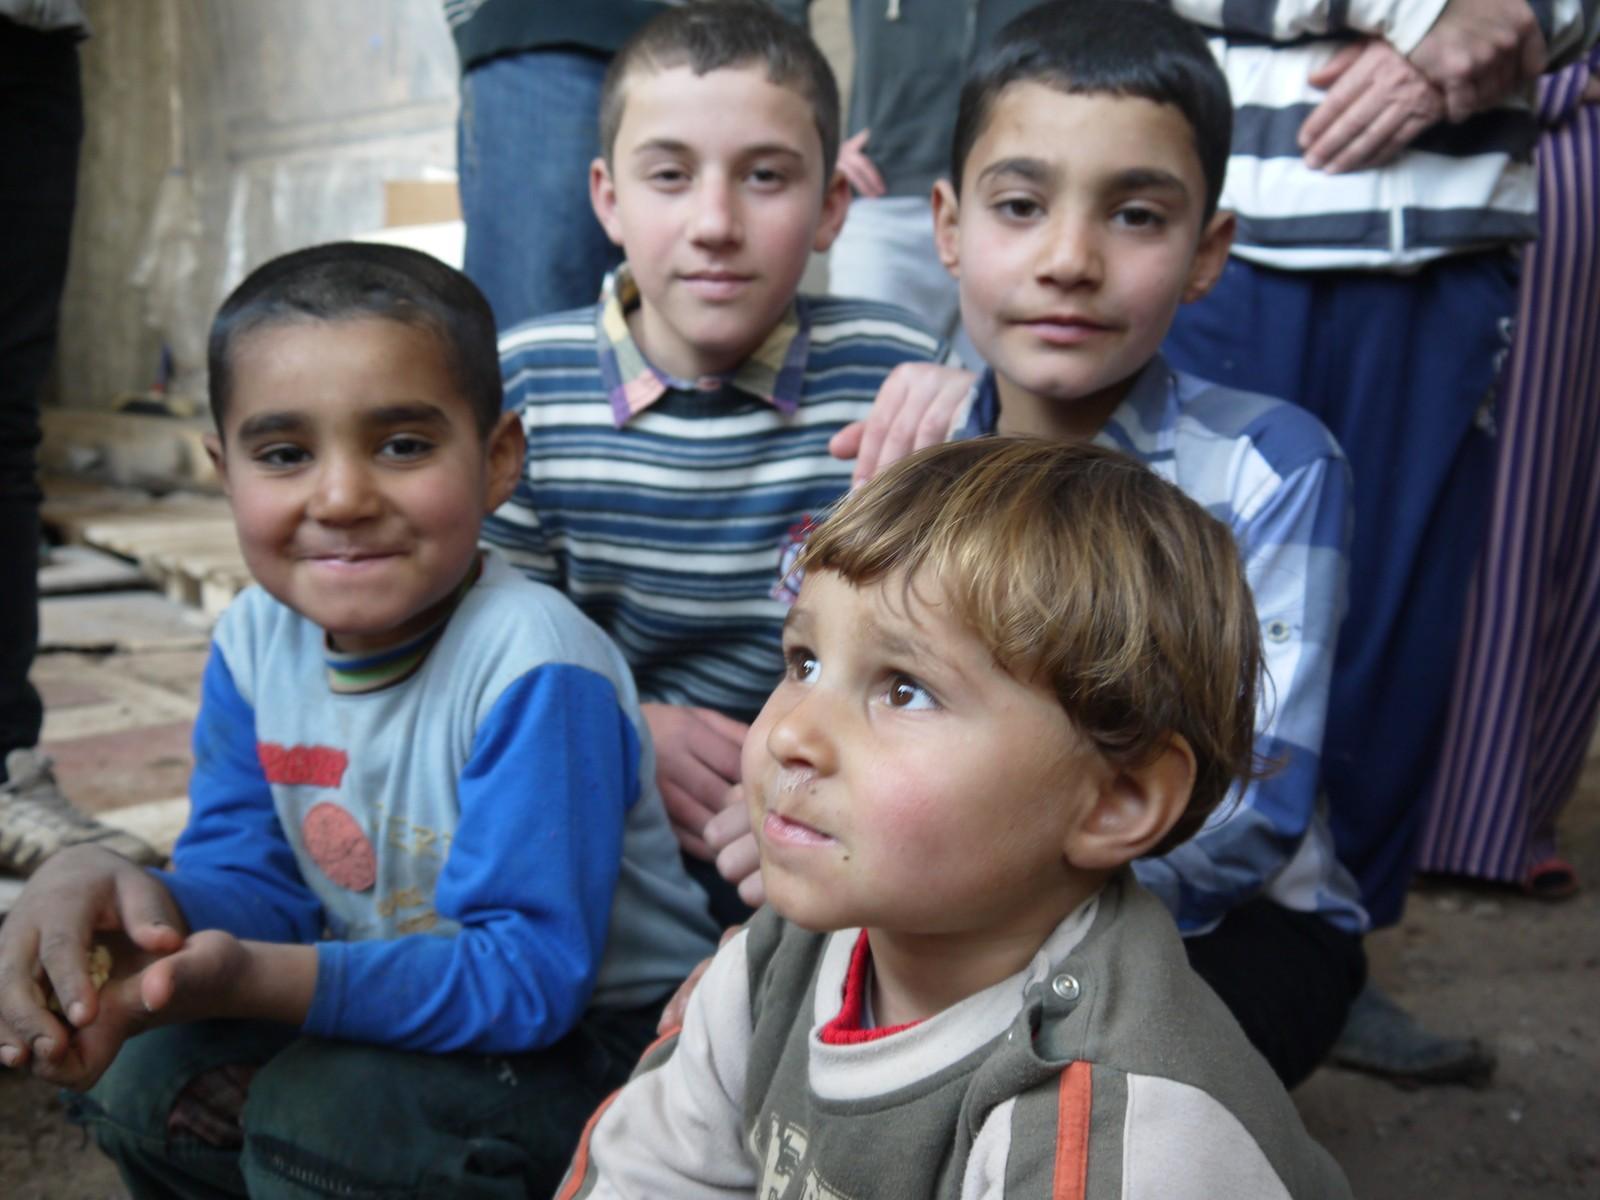 Mange barn er på flukt i Irak. På grunn av sitt etniske opphav og foreldra si gudstru er dei drivne på flukt i ung alder.